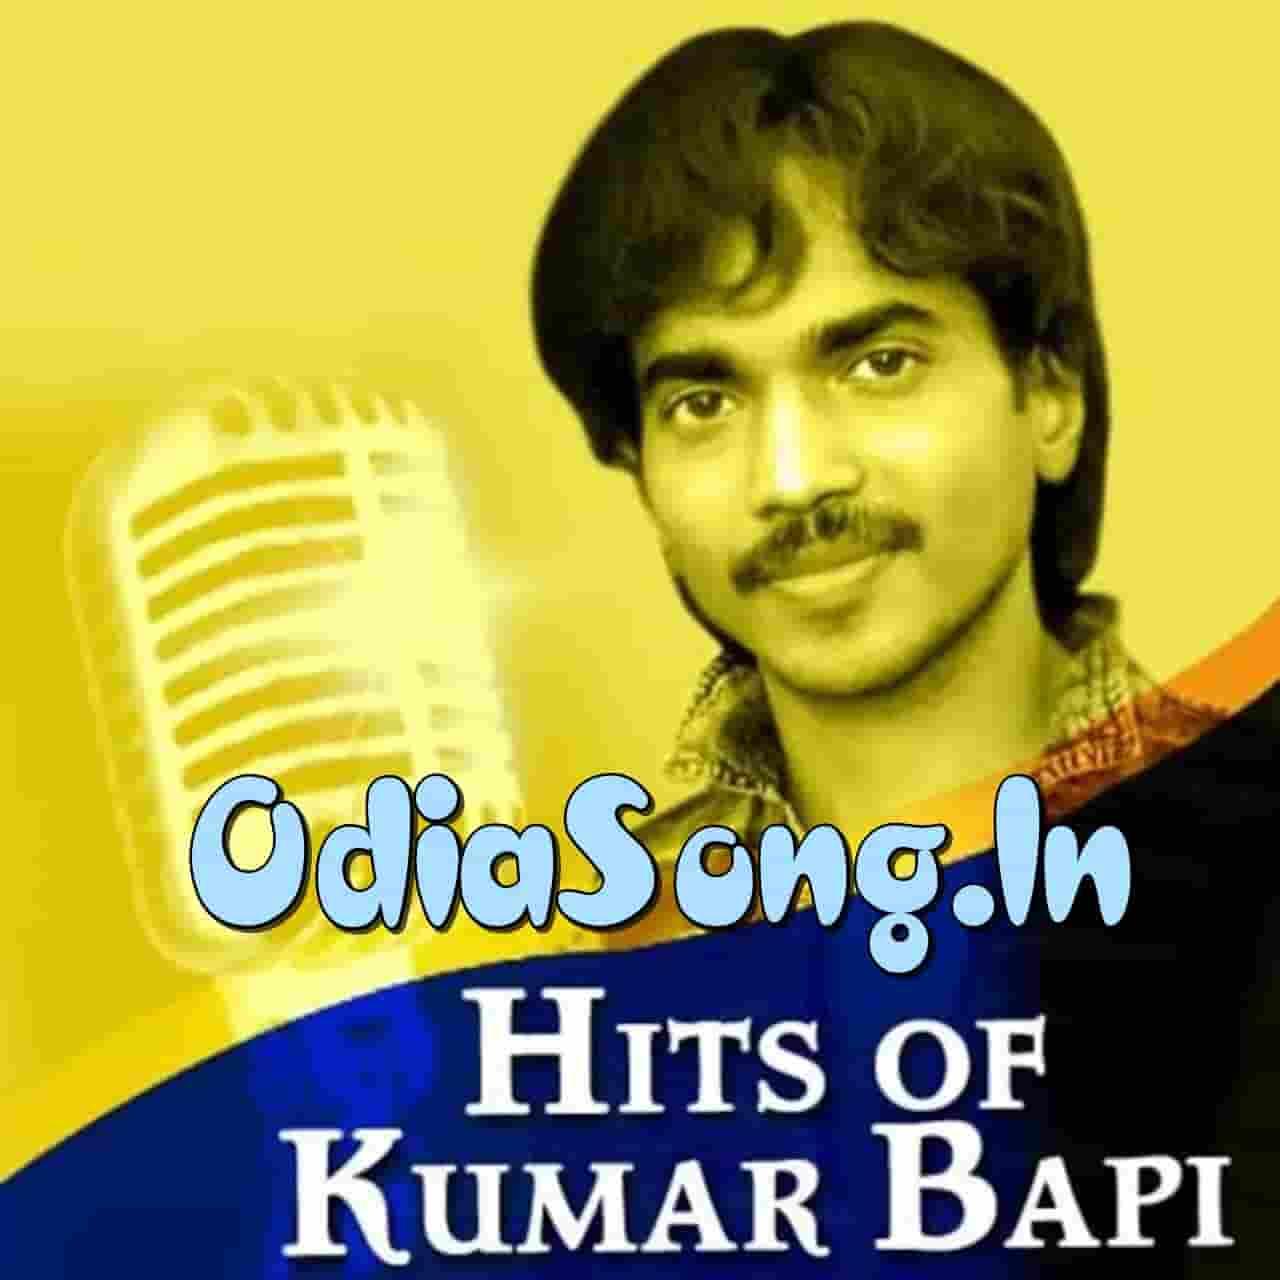 Mo Ghorani Ghoruchhi - Jagannath Bhajan Song Kumar Bapi